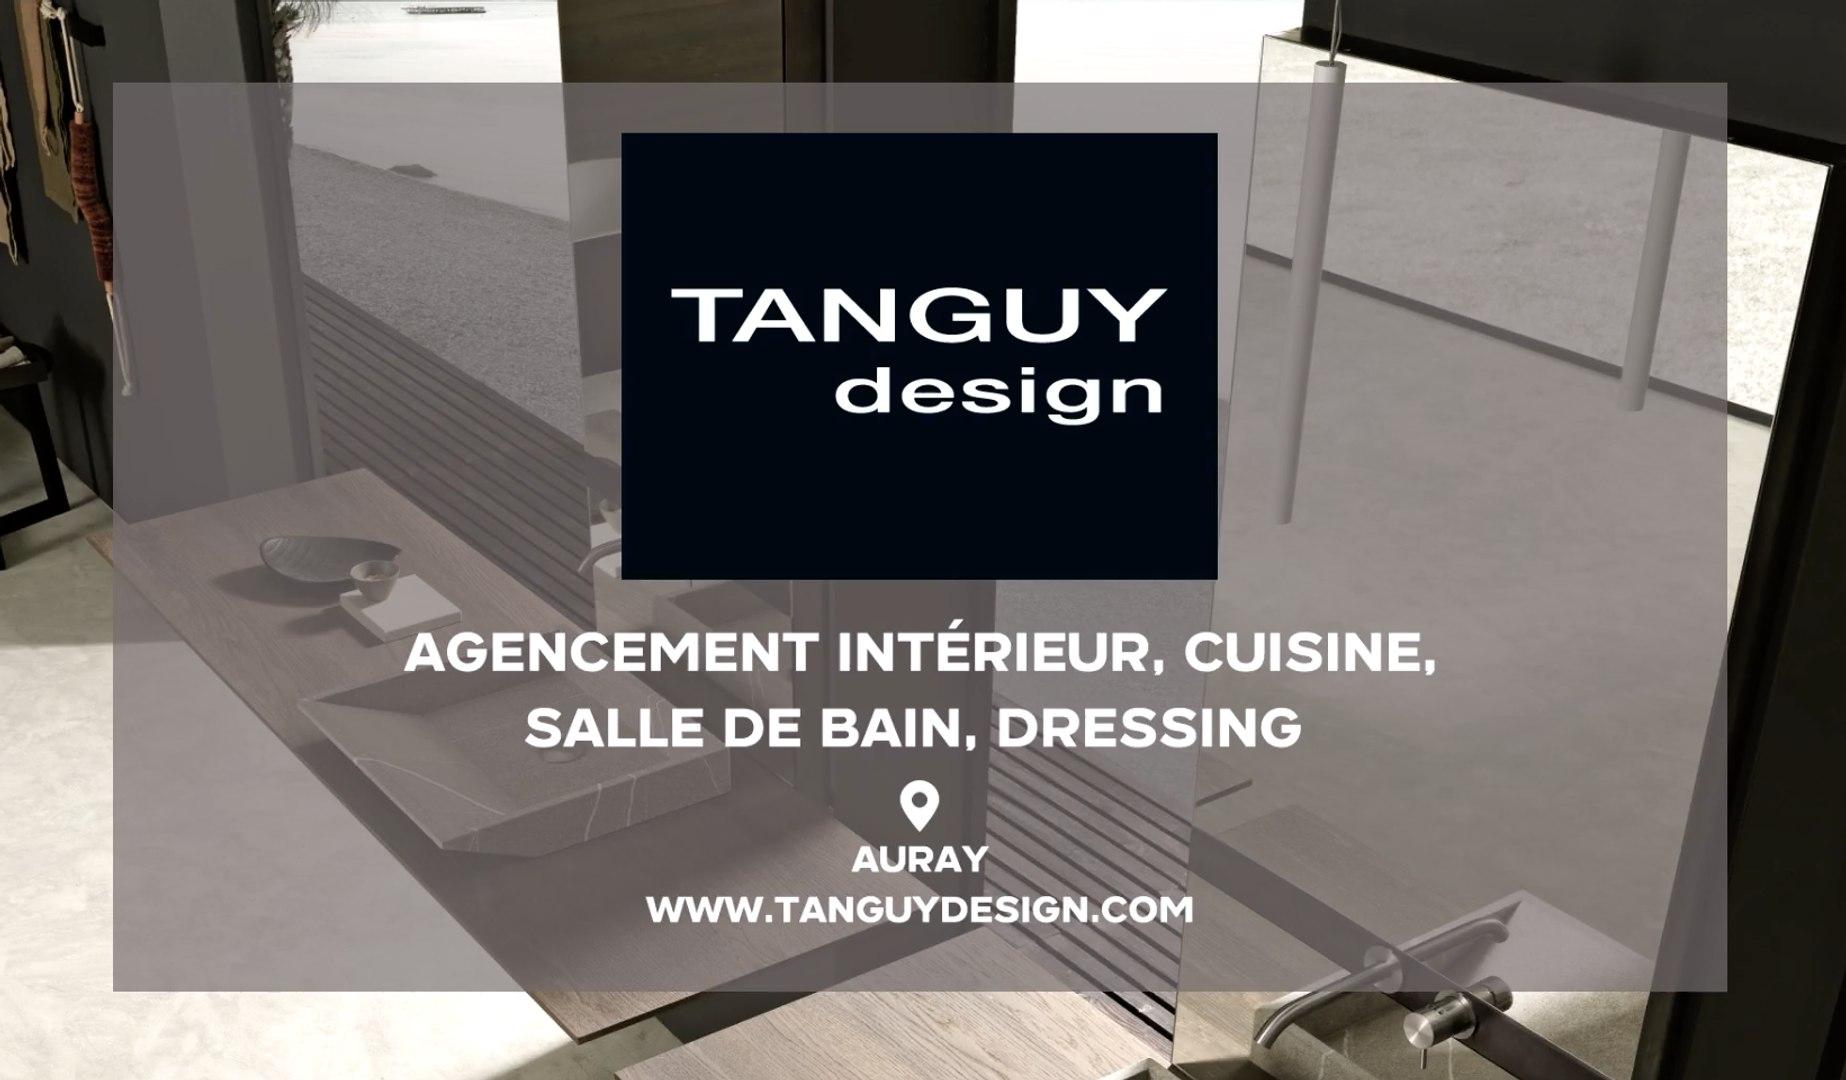 Architecte D Intérieur Auray architecte d'intérieur - création et pose de cuisines à auray